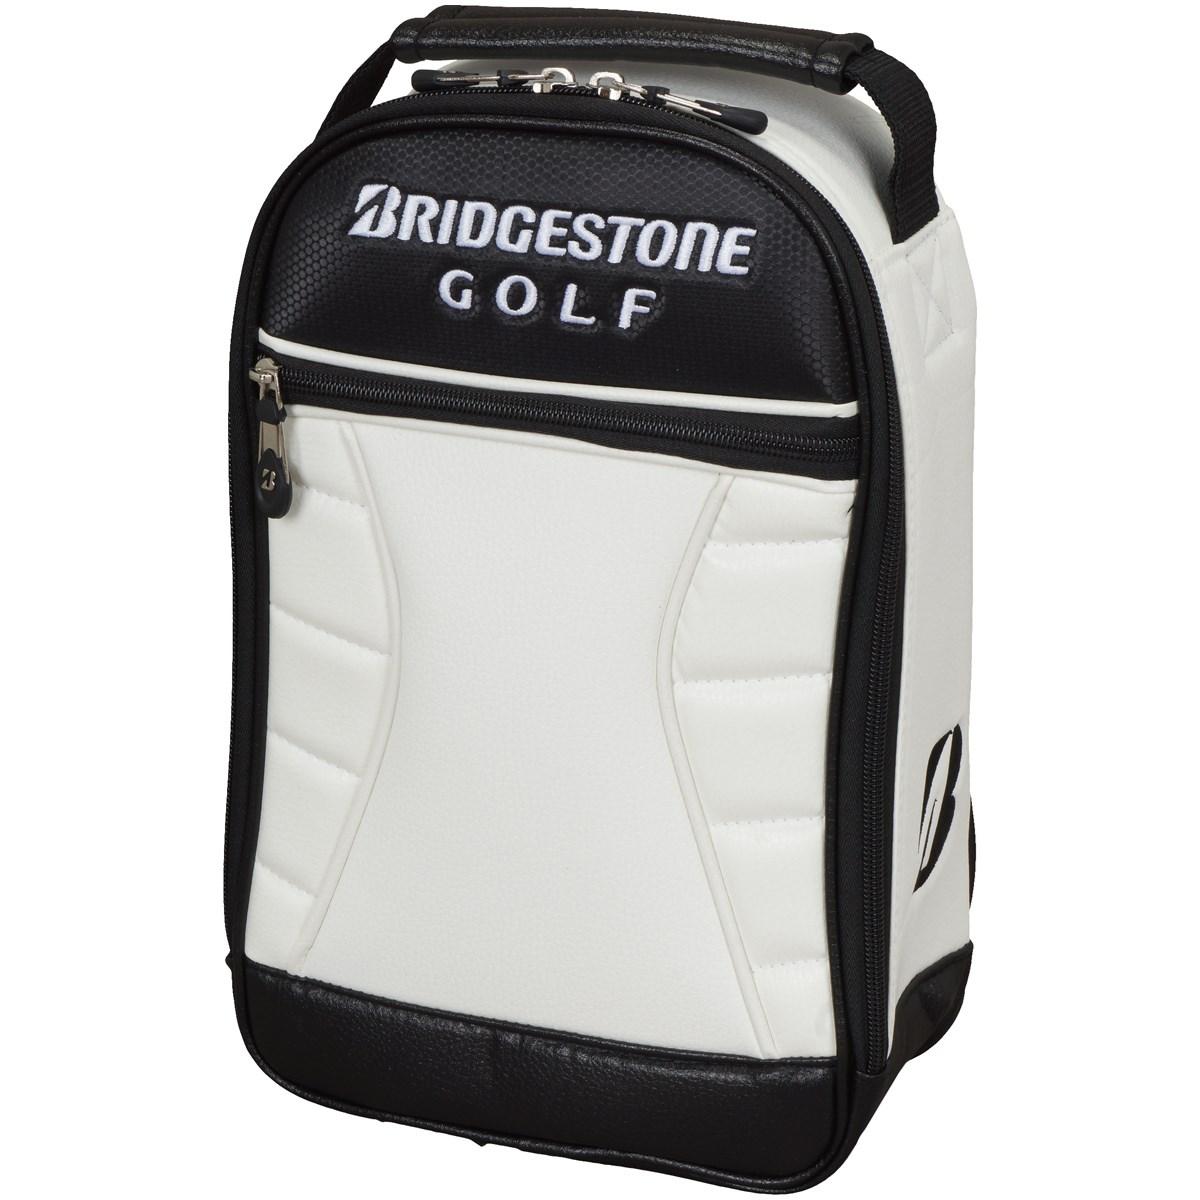 ブリヂストン(BRIDGESTONE GOLF) シューズケース SCG520